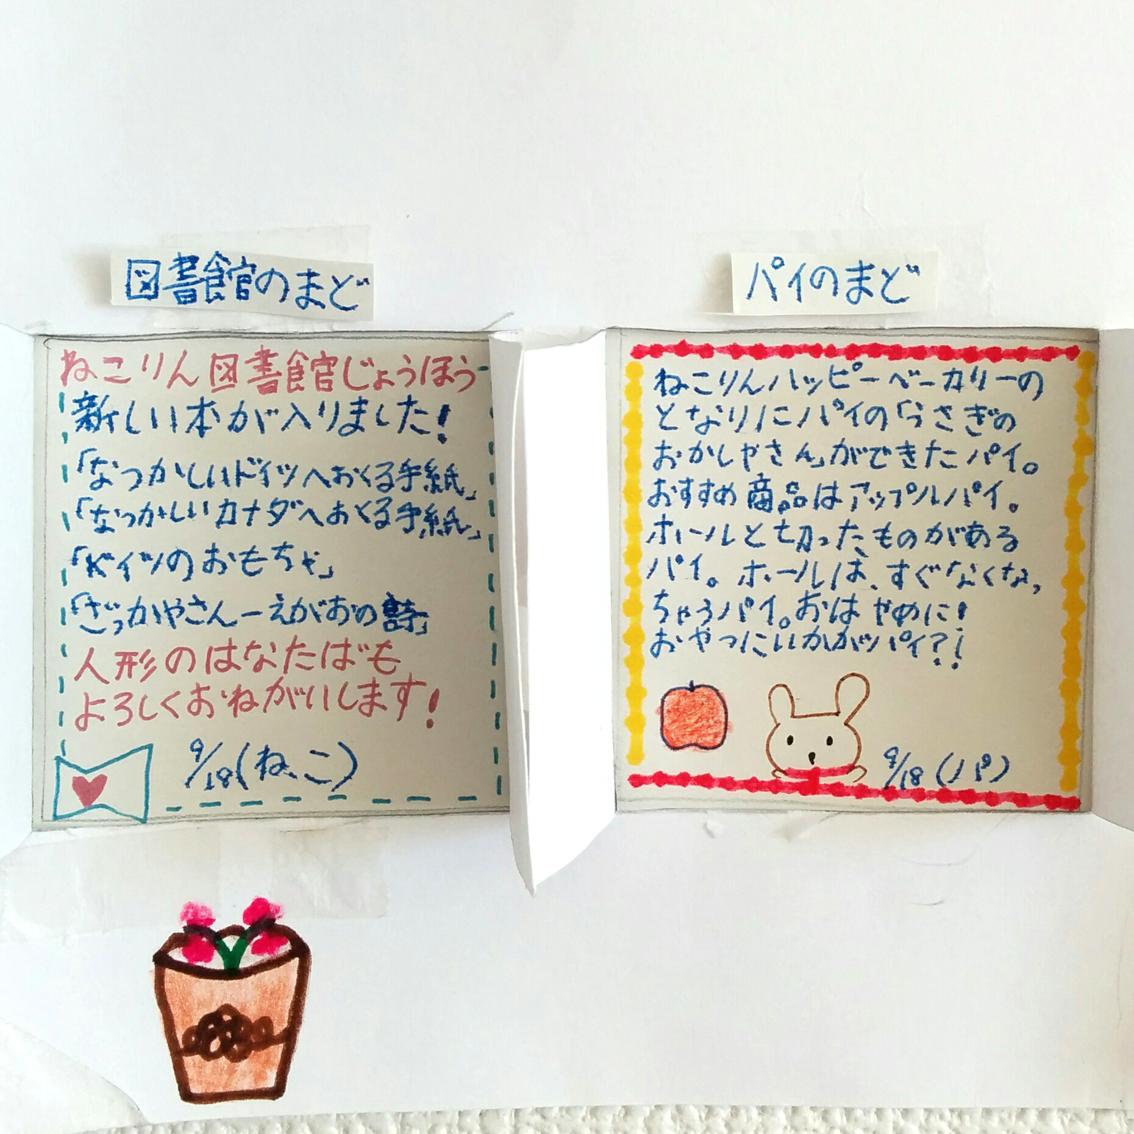 f:id:haruya-oyako:20210921101227j:plain